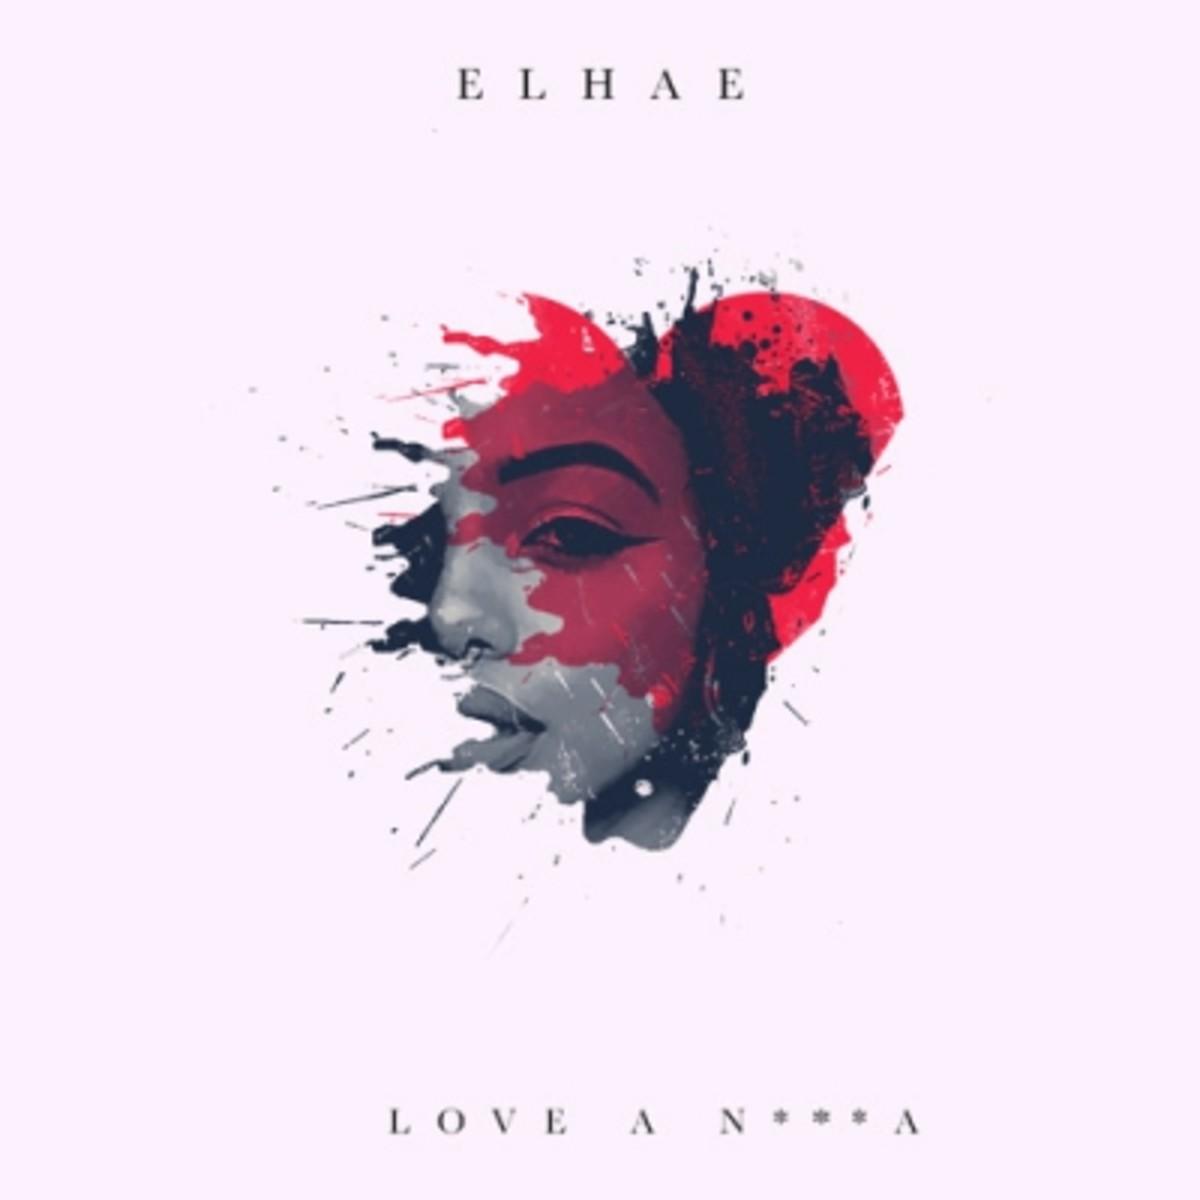 elhae-love-a-nigga.jpg